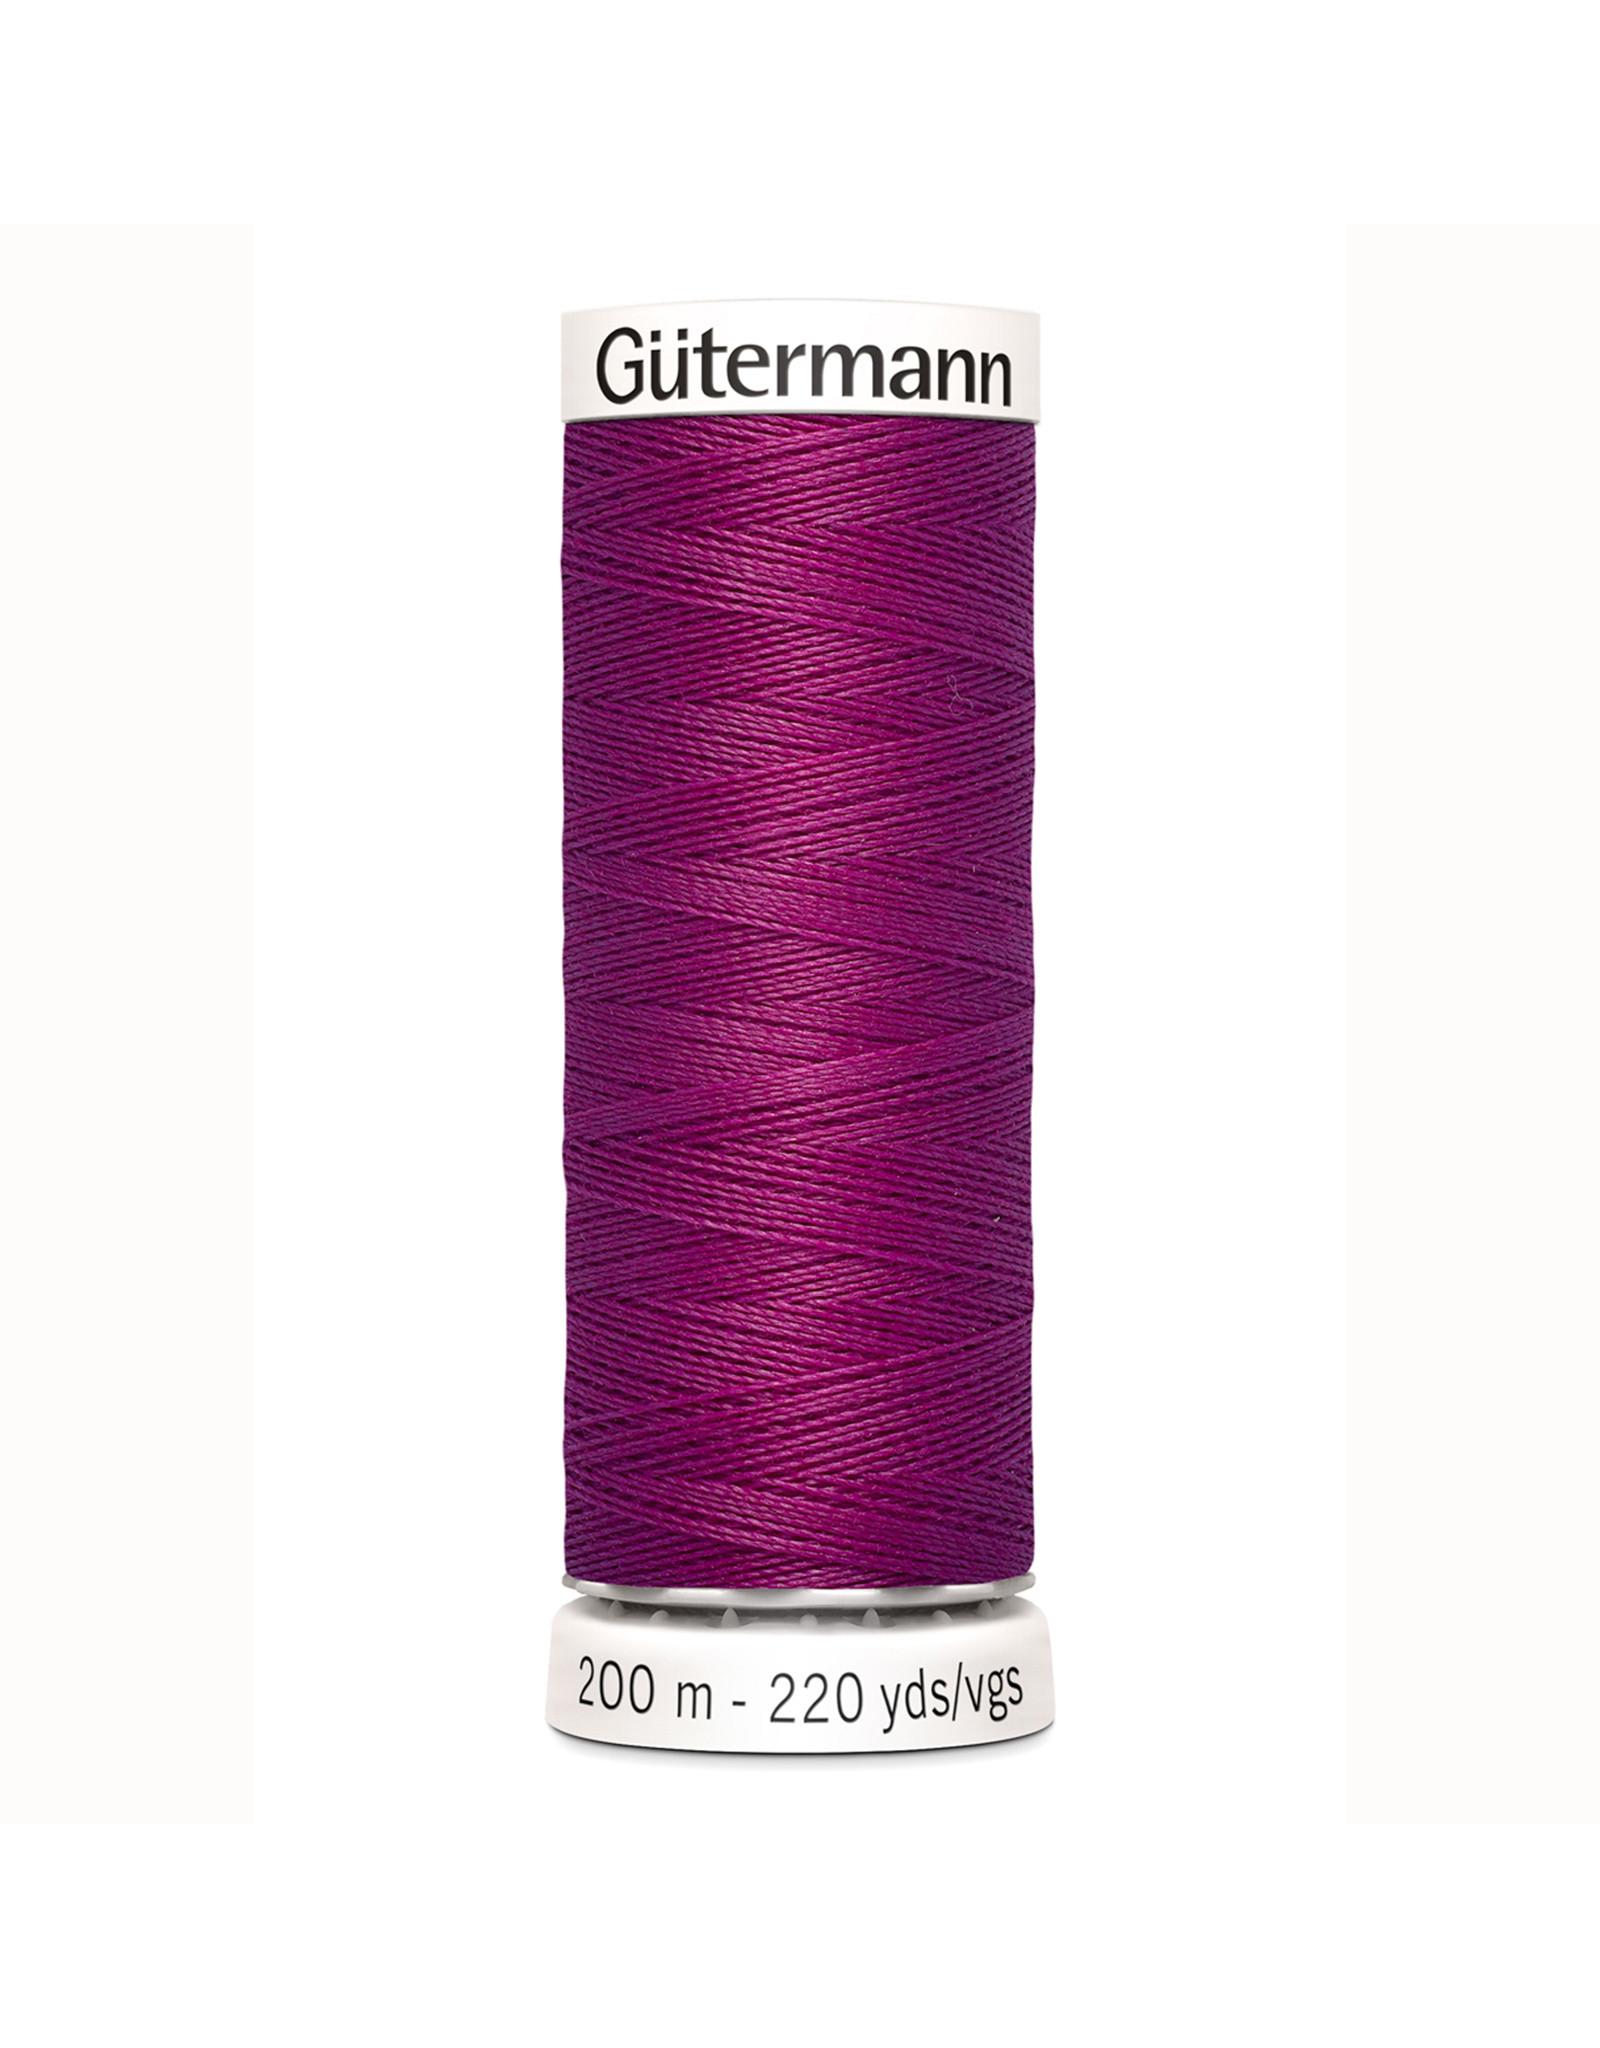 Gütermann Gütermann Nähgarn 200 m - nr 247